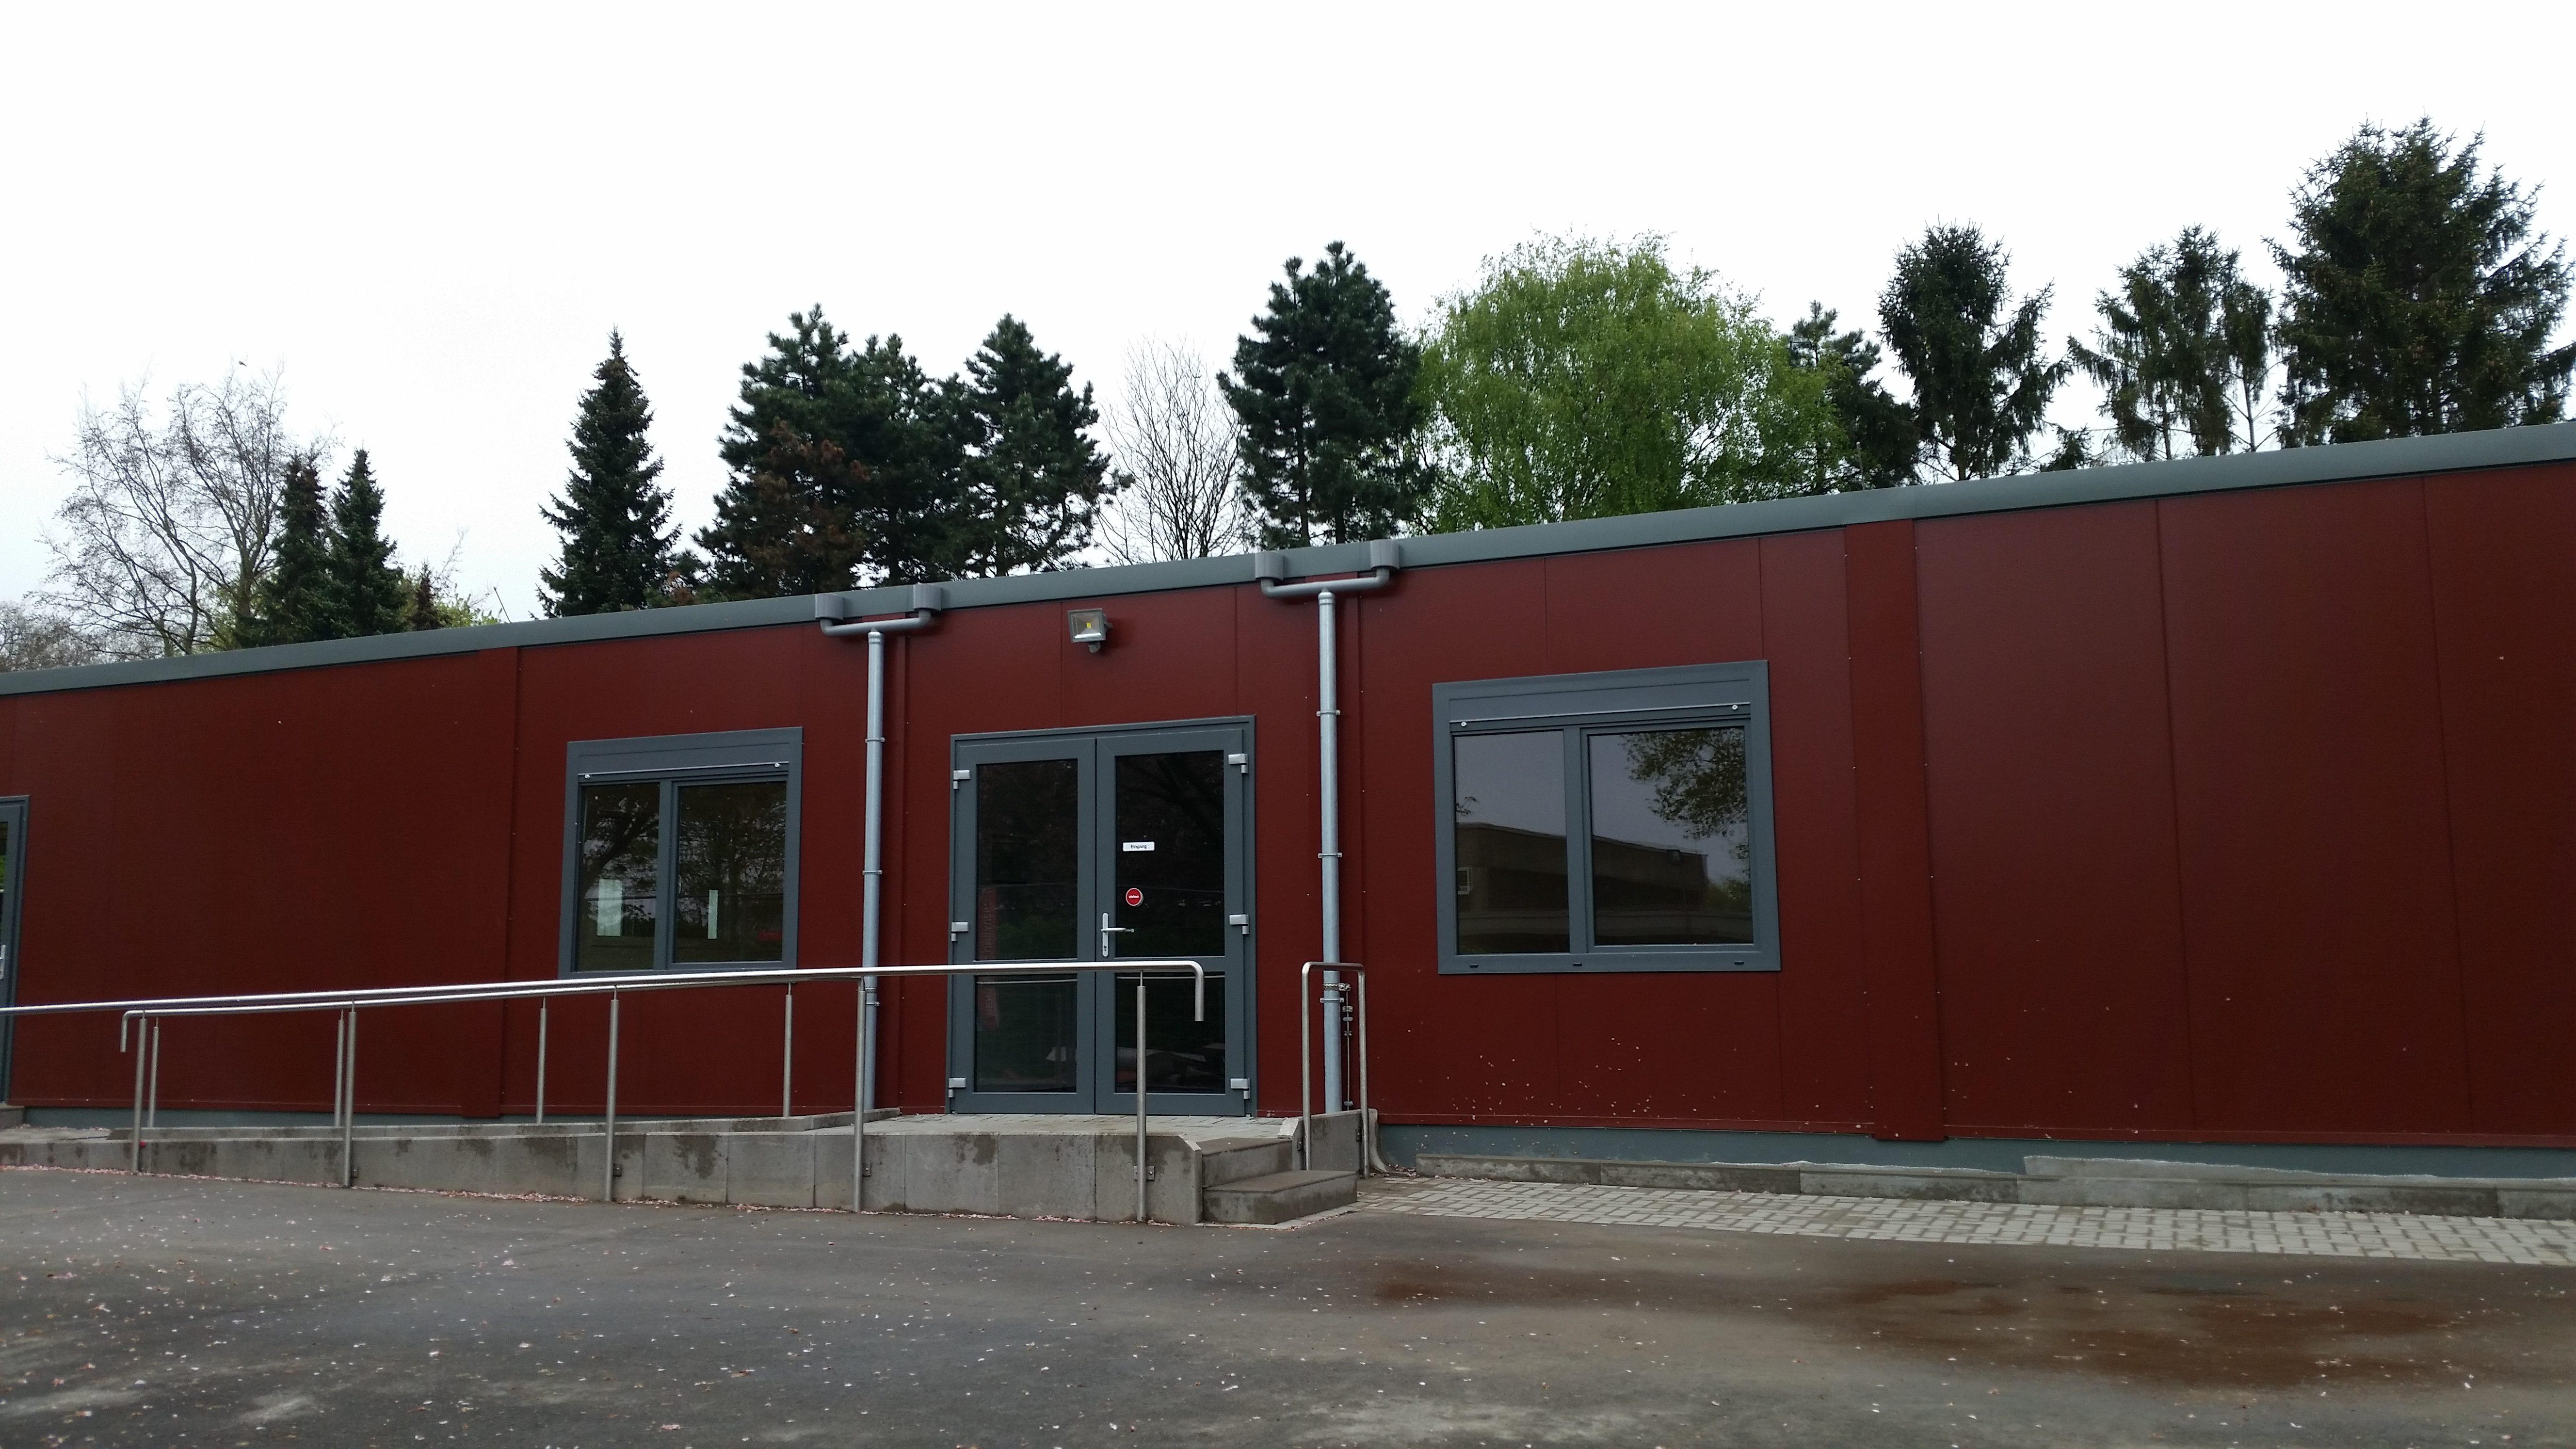 Fußboden Verlegen Rheine ~ Bau pavillon u2013 kvg u2013 kardinal von galen schule u2013 rheine